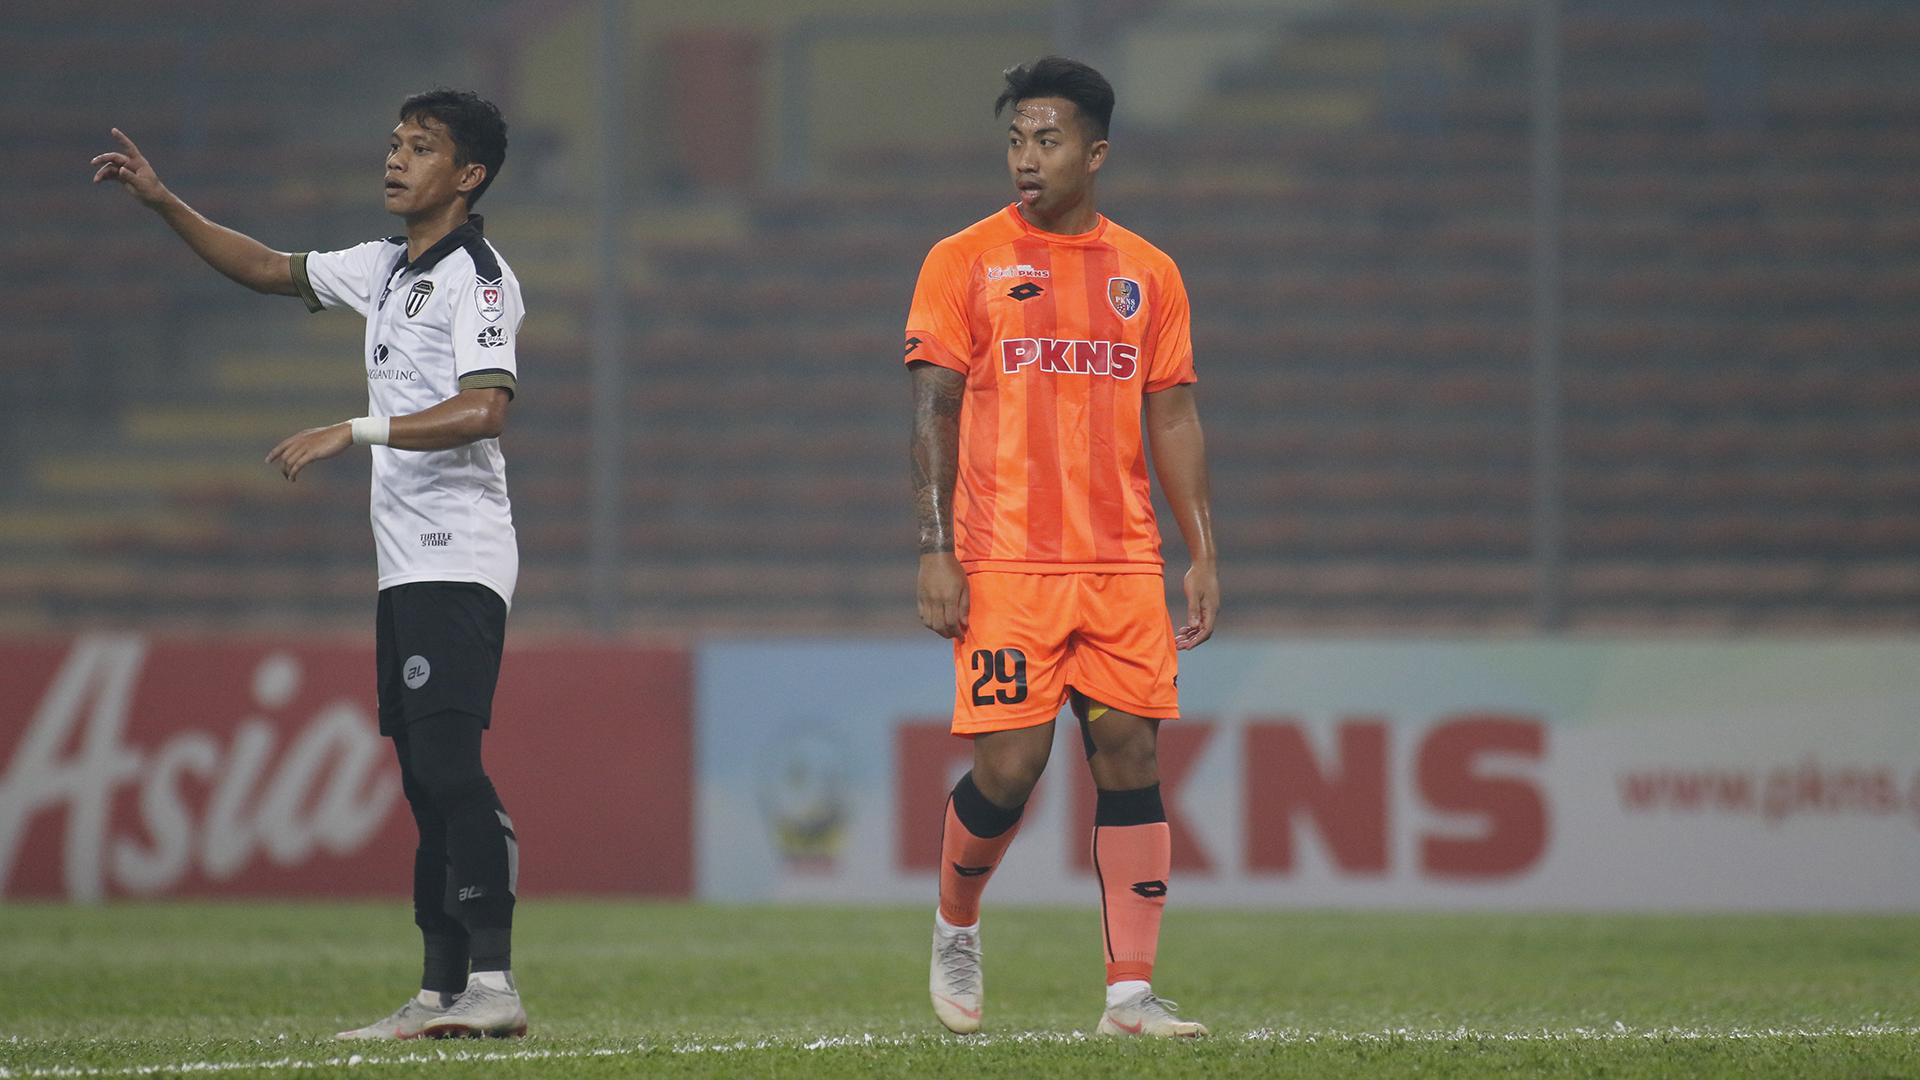 Kittihphong Pluemjai, PKNS FC v Terengganu FC, Malaysia Cup, 17 Sep 2019